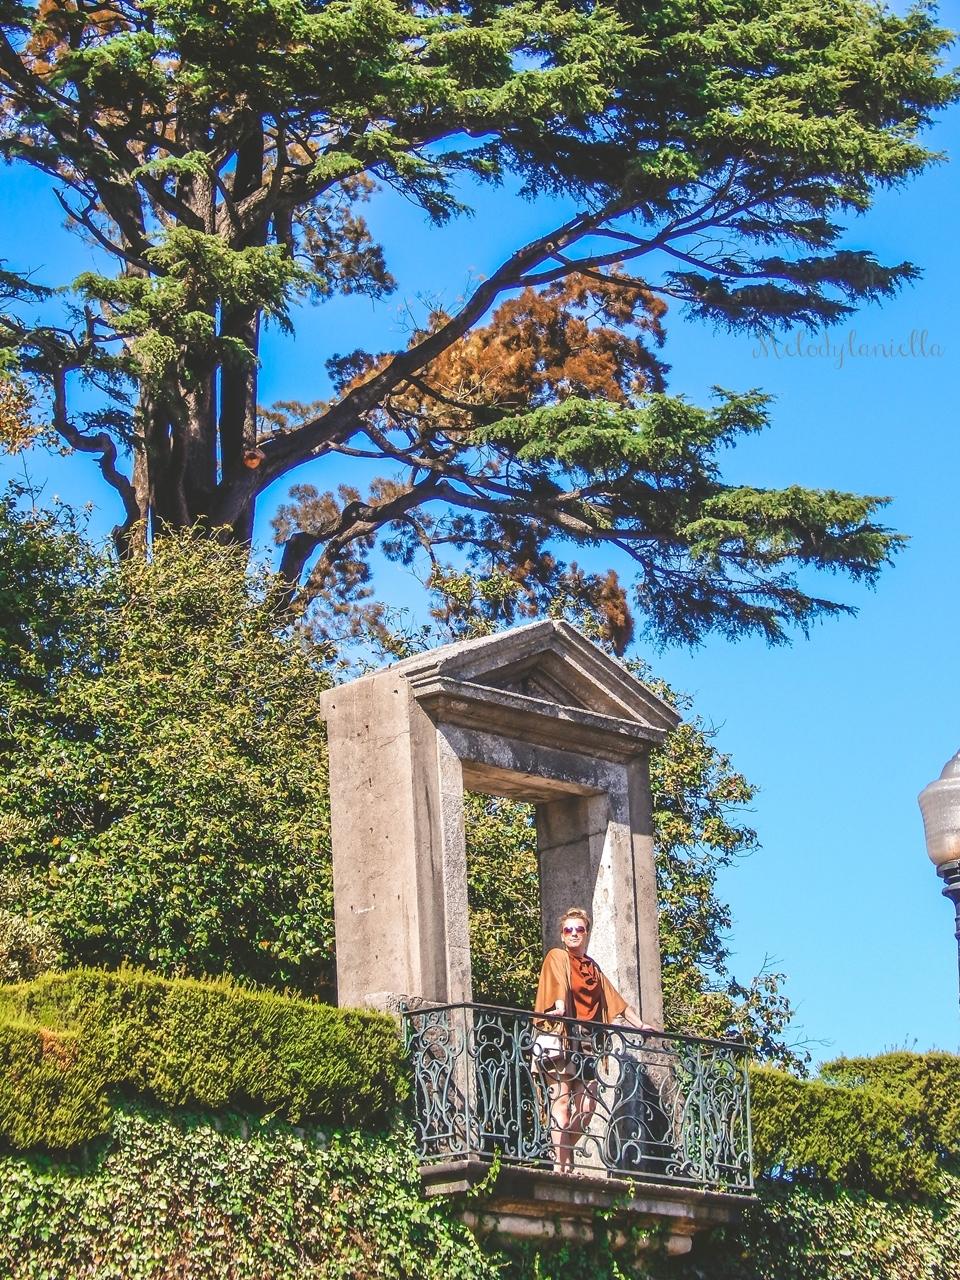 13b Jardins do Palácio de Cristal-2  co zobaczyć w Porto w portugalii ciekawe miejsca musisz zobaczyć top miejsc w porto zabytki piękne uliczki miejsca godne zobaczenia blog podróżniczy portugalia melodylaniella